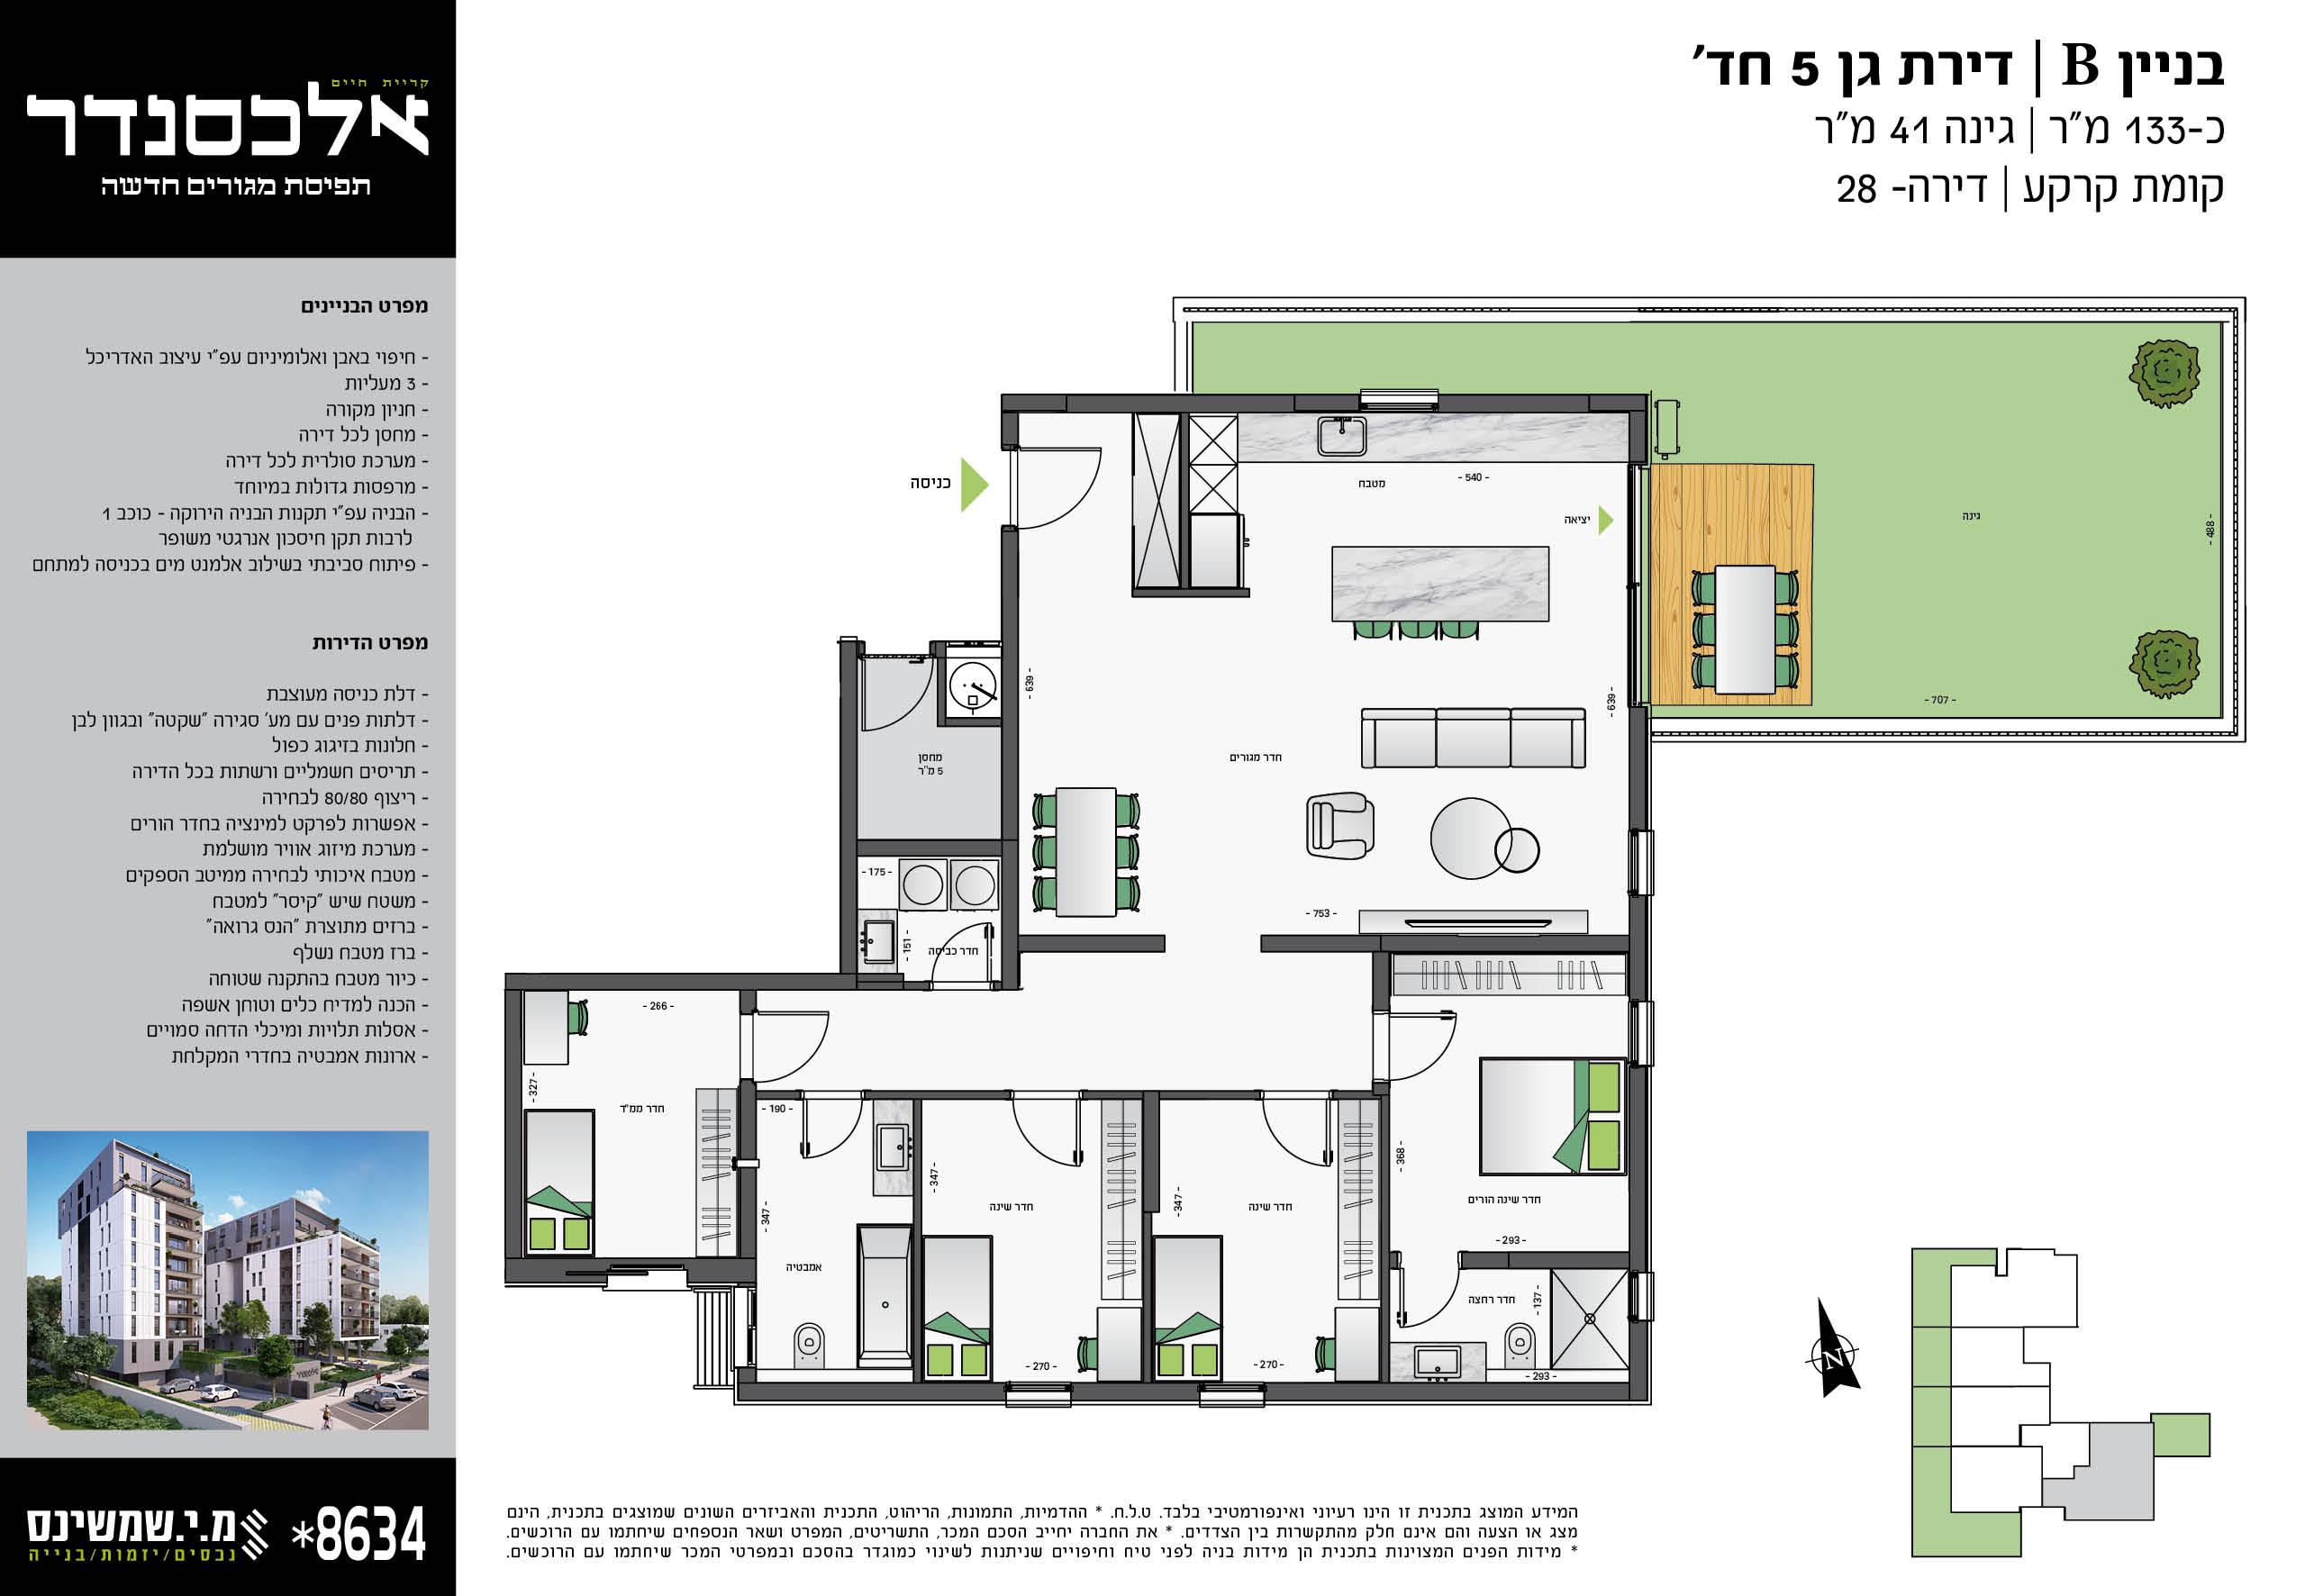 דירה 28